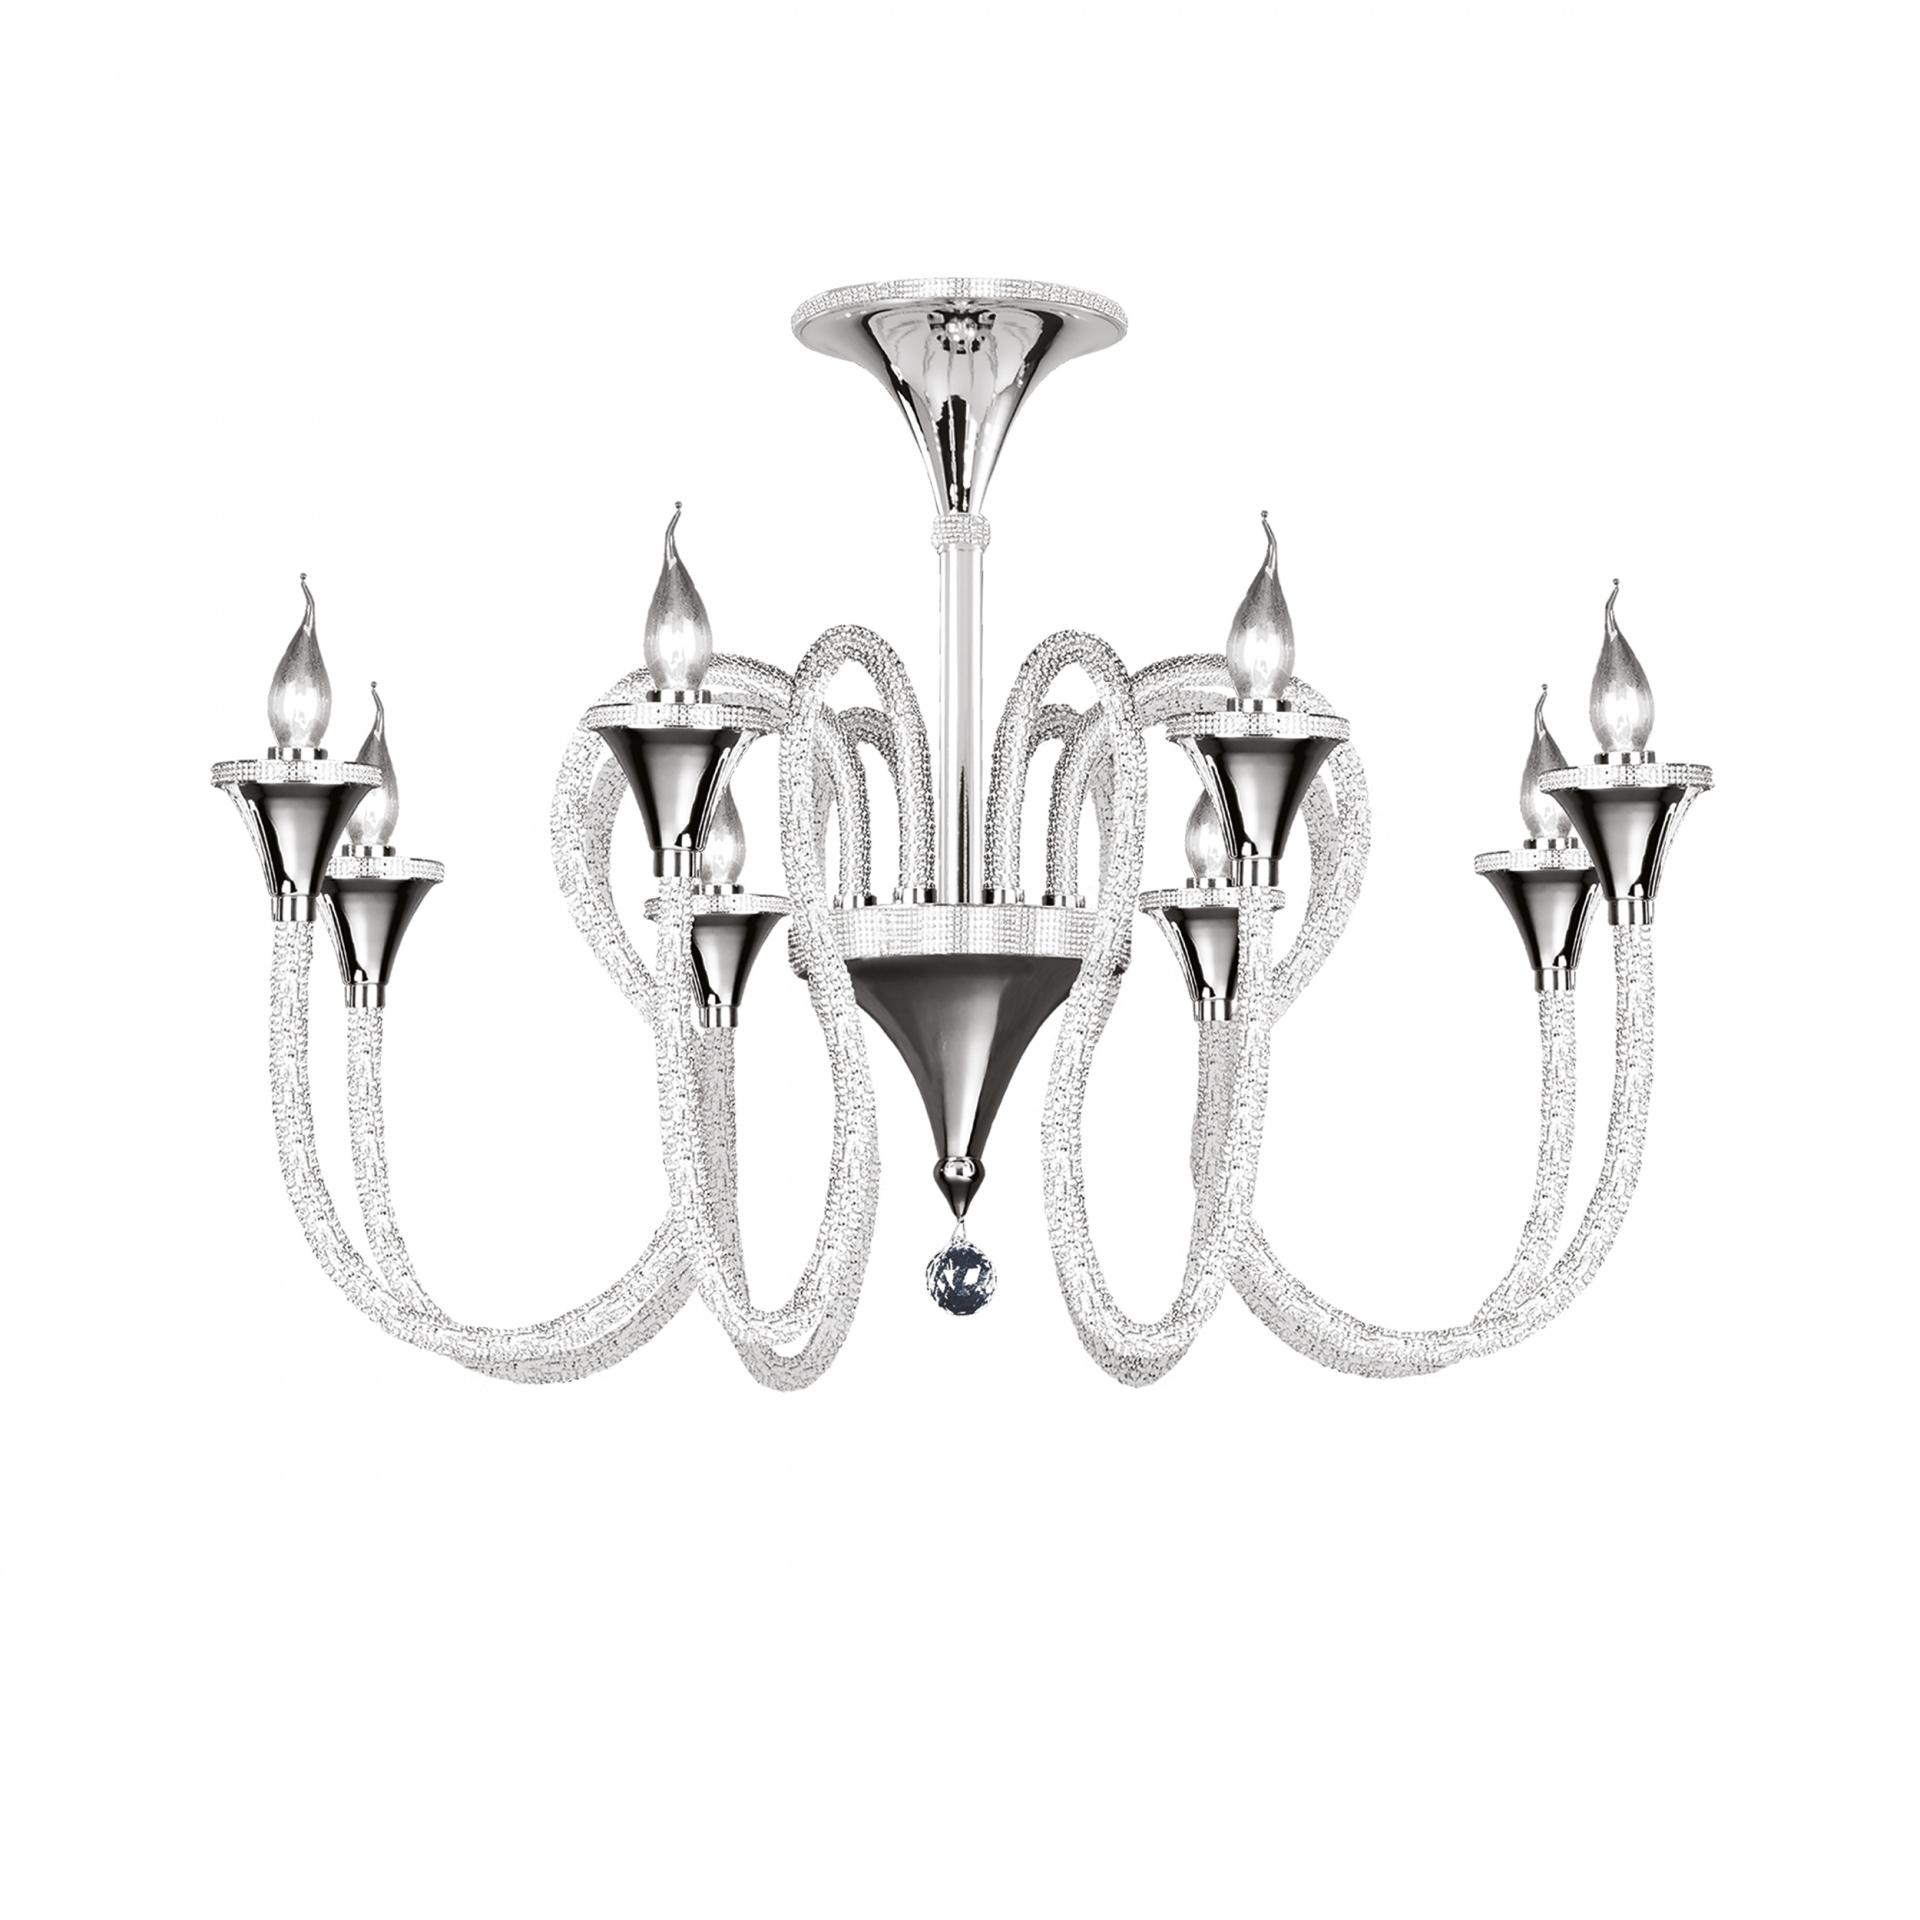 Люстра подвесная Serpente 8х60W E14 хром Osgona 703084, купить в СПб, Москве, с доставкой, Санкт-Петербург, интернет-магазин люстр и светильников Starlight, фото в жизни